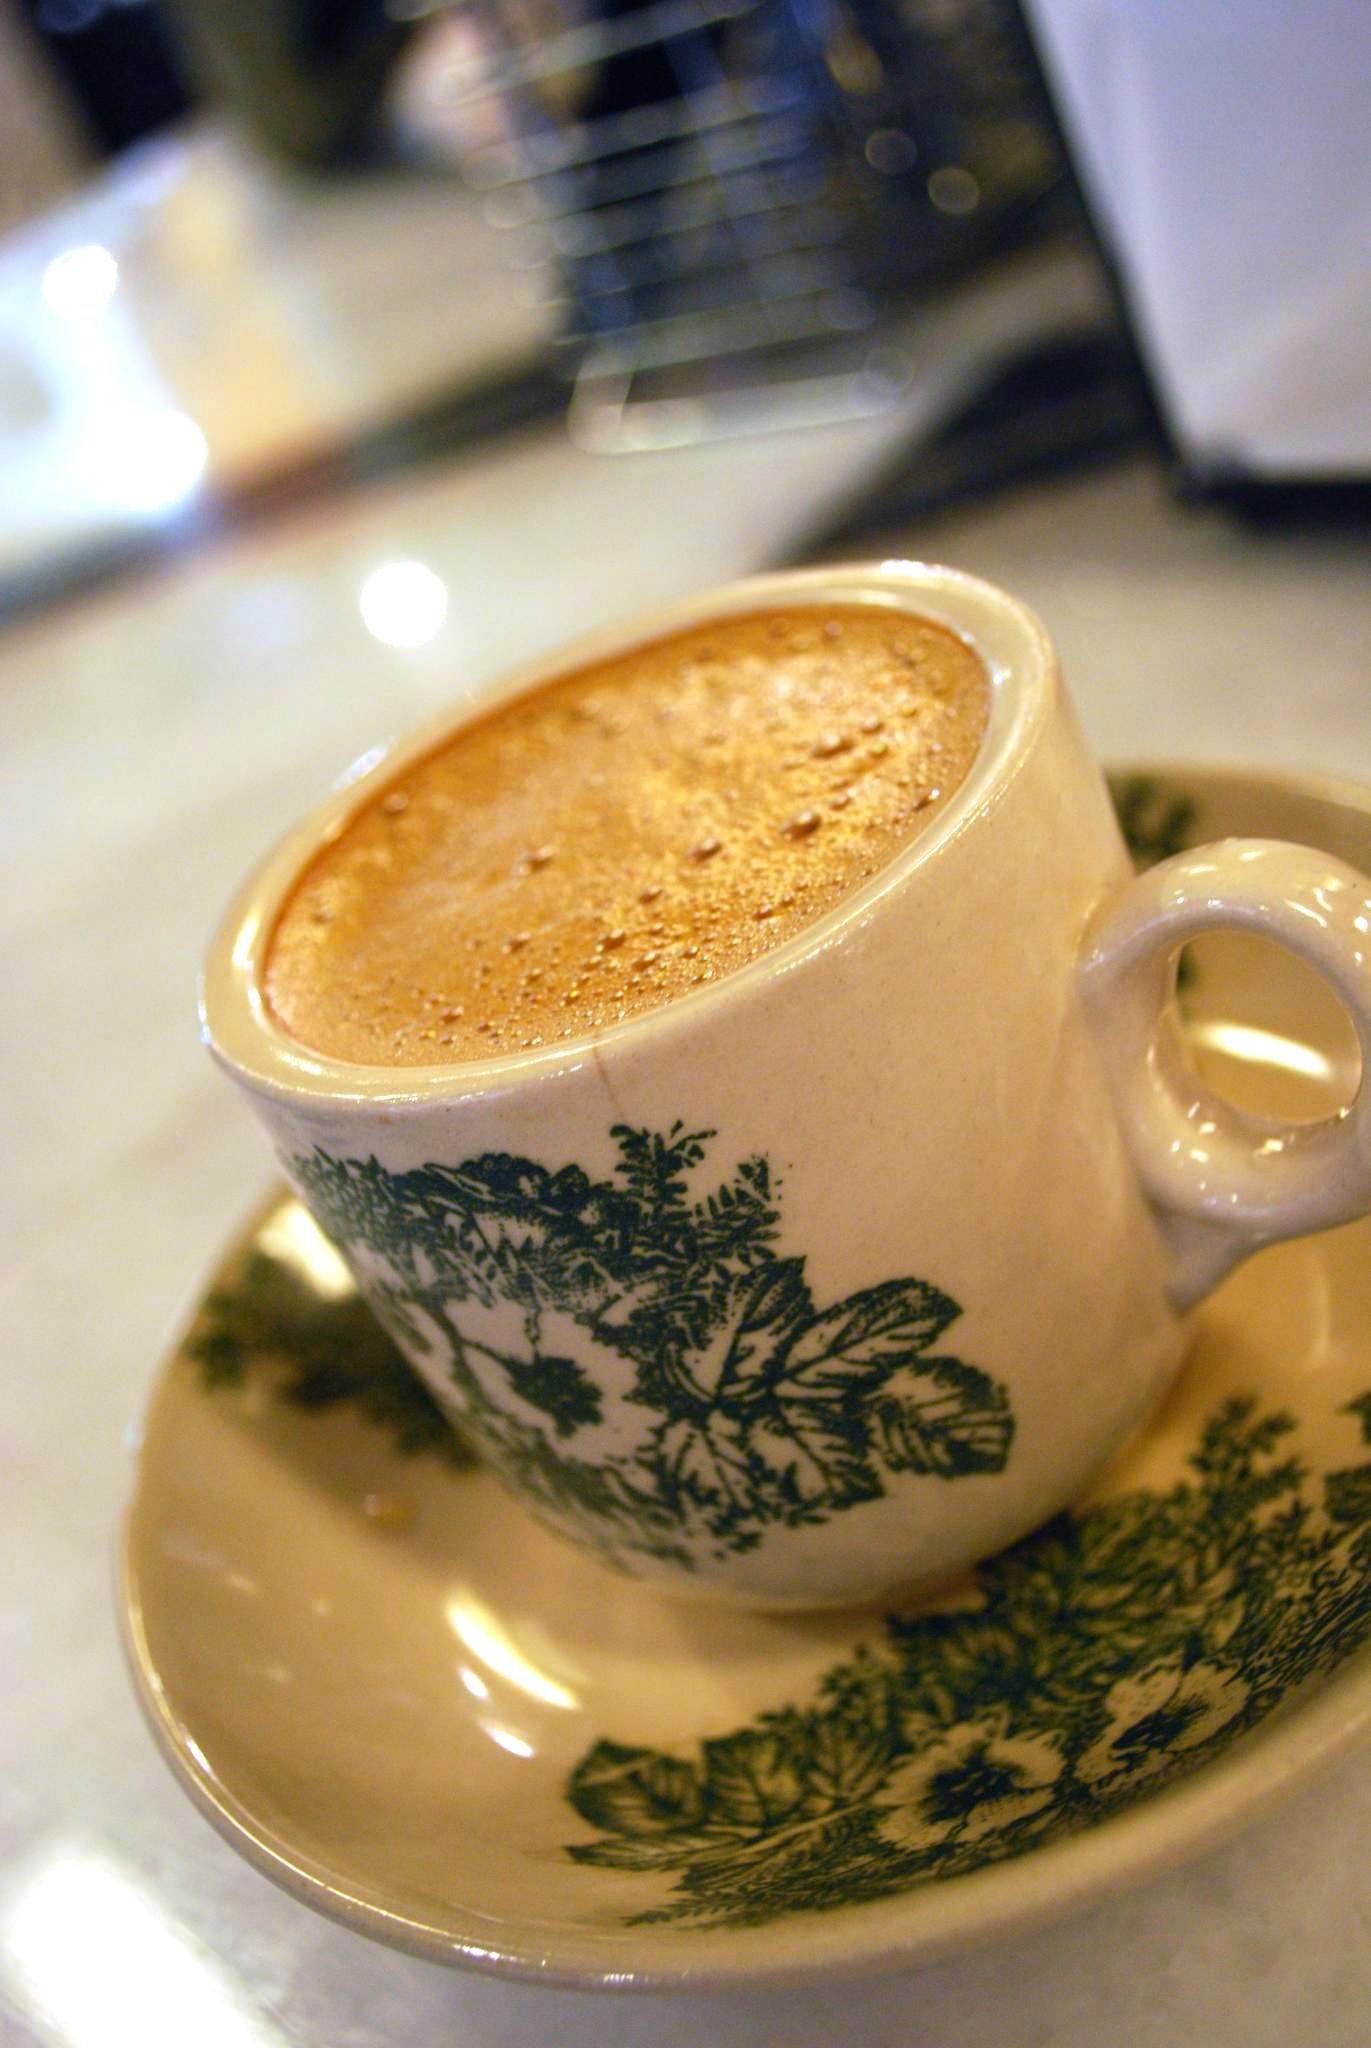 Malaysian Beverages Photos Abc White Coffee 1 Bungkus Imghttp Uploadwikimediaorg Wikipedia Commons 1e Tea2bcoffee Cham Old Town Kopitiam Mamak Aud3